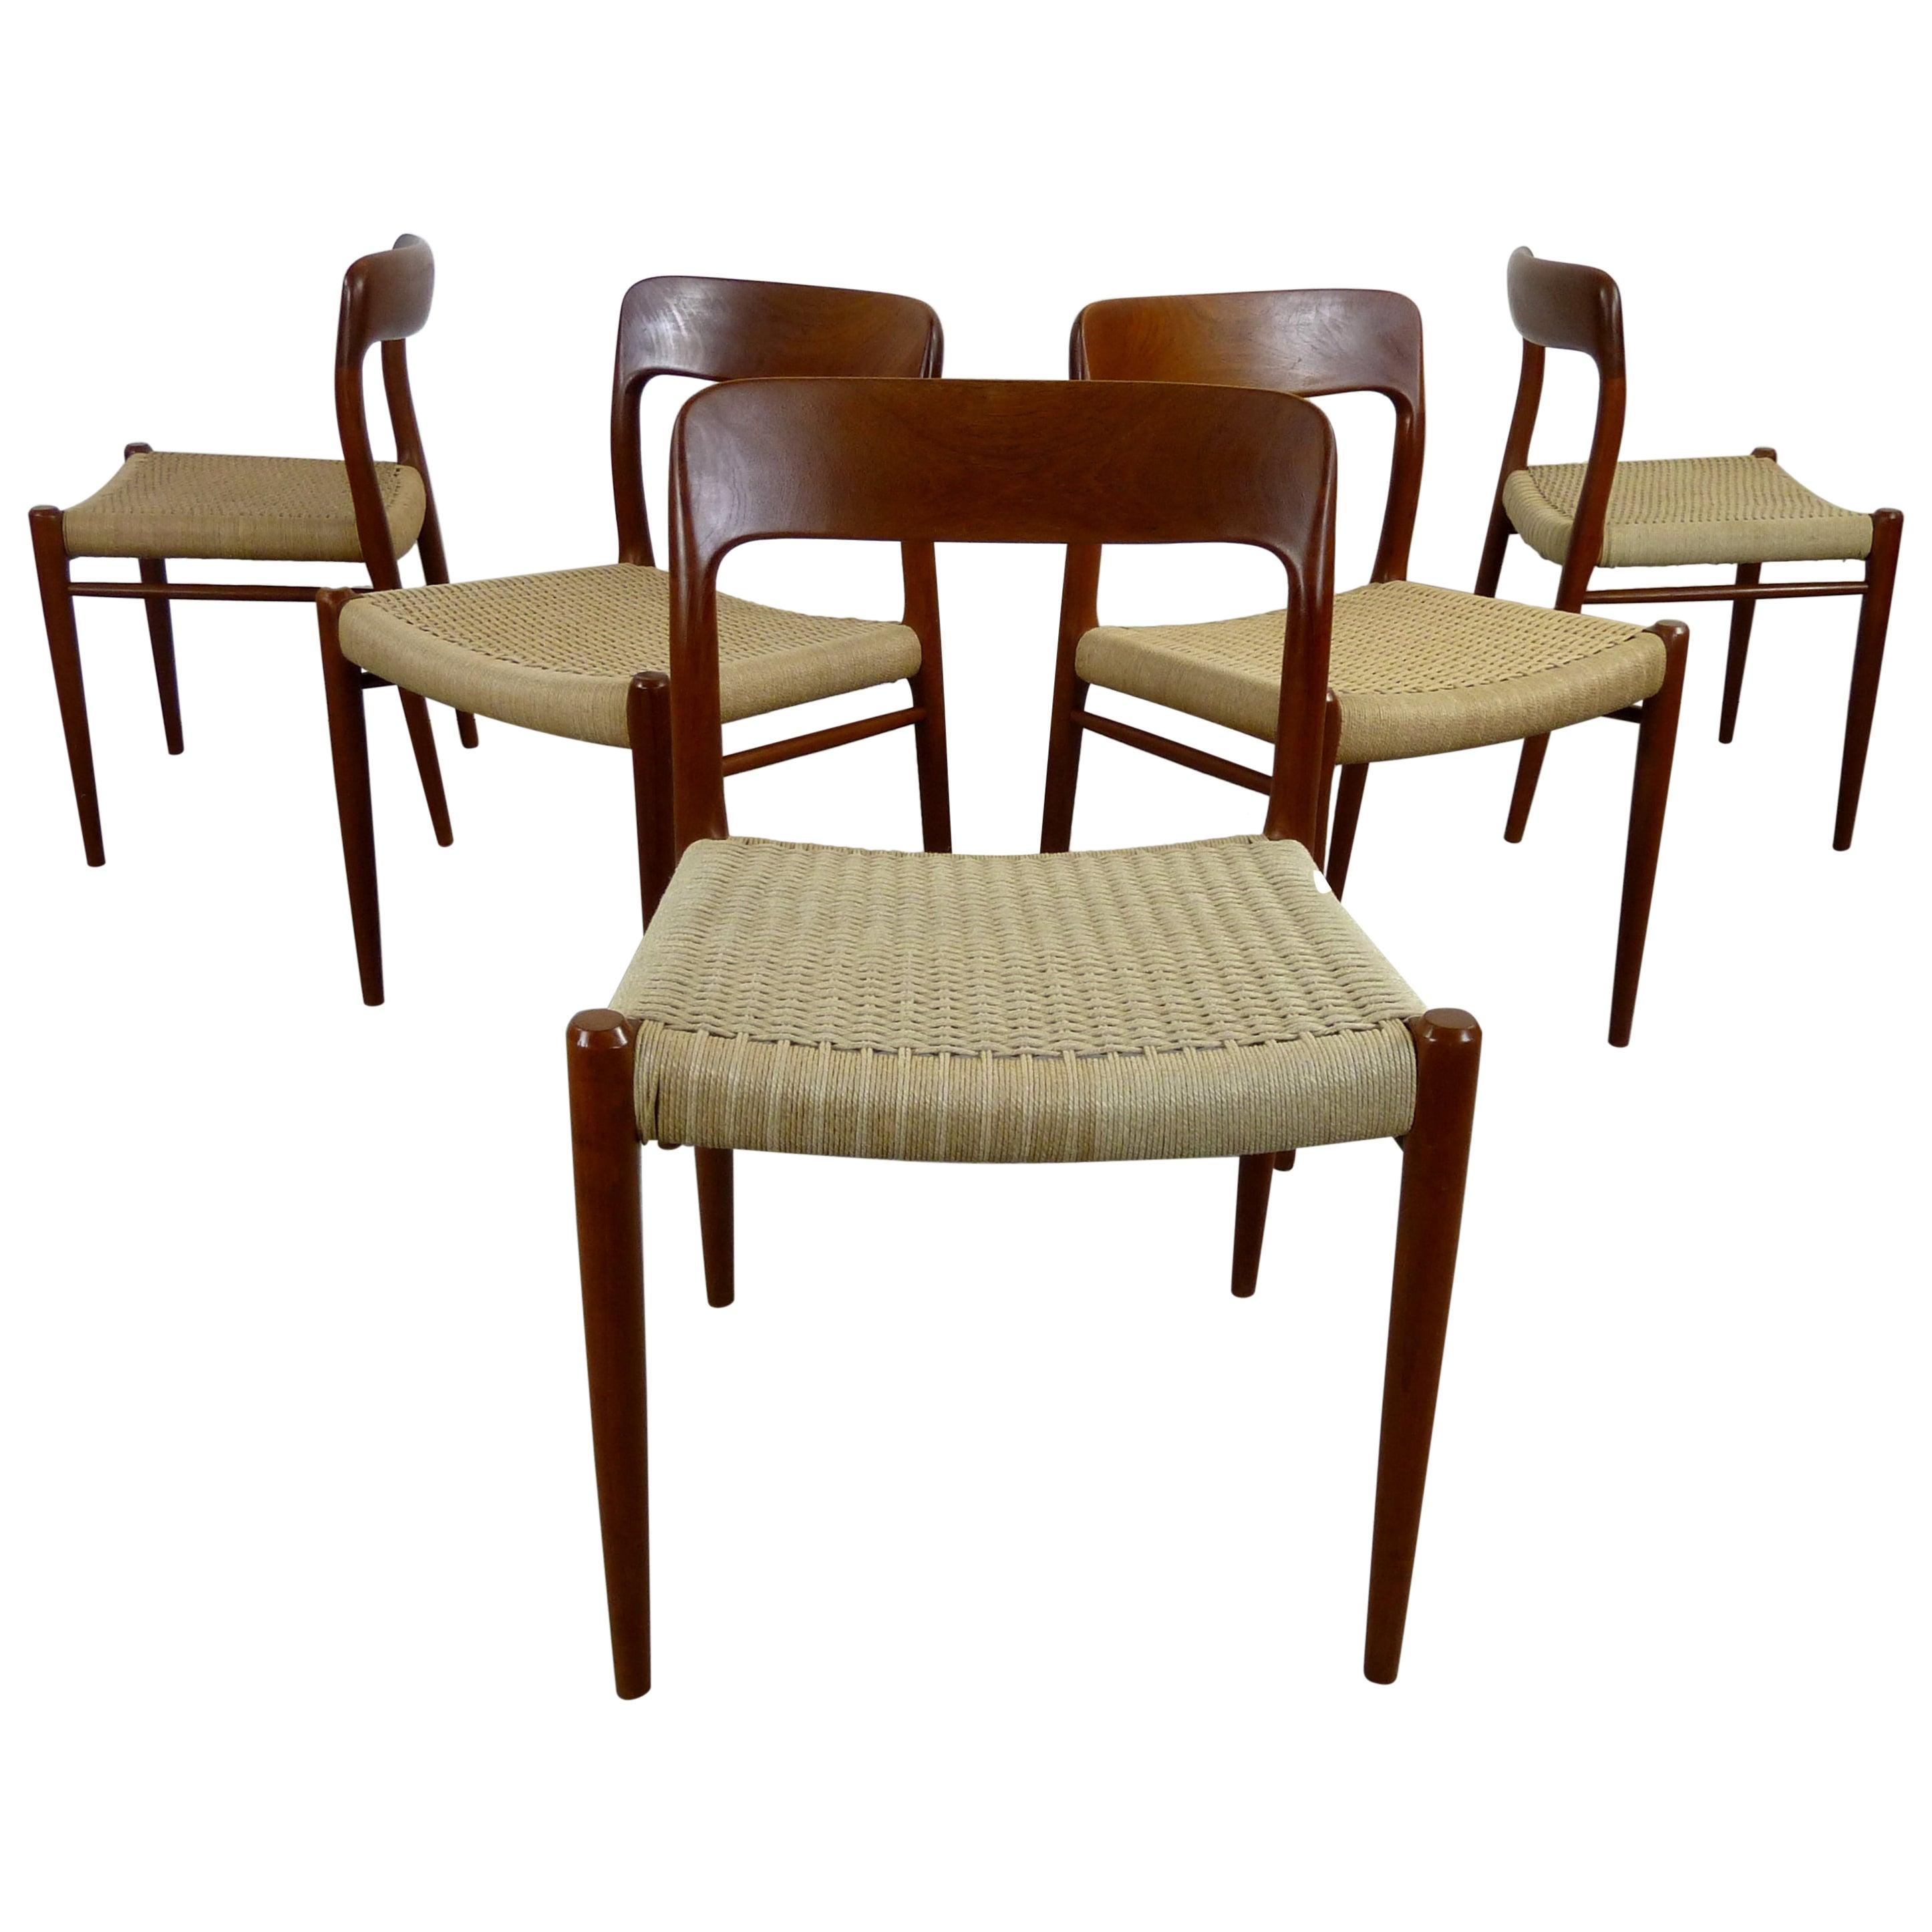 Set of 5 Niels O. Moeller Teak Chair Model 75